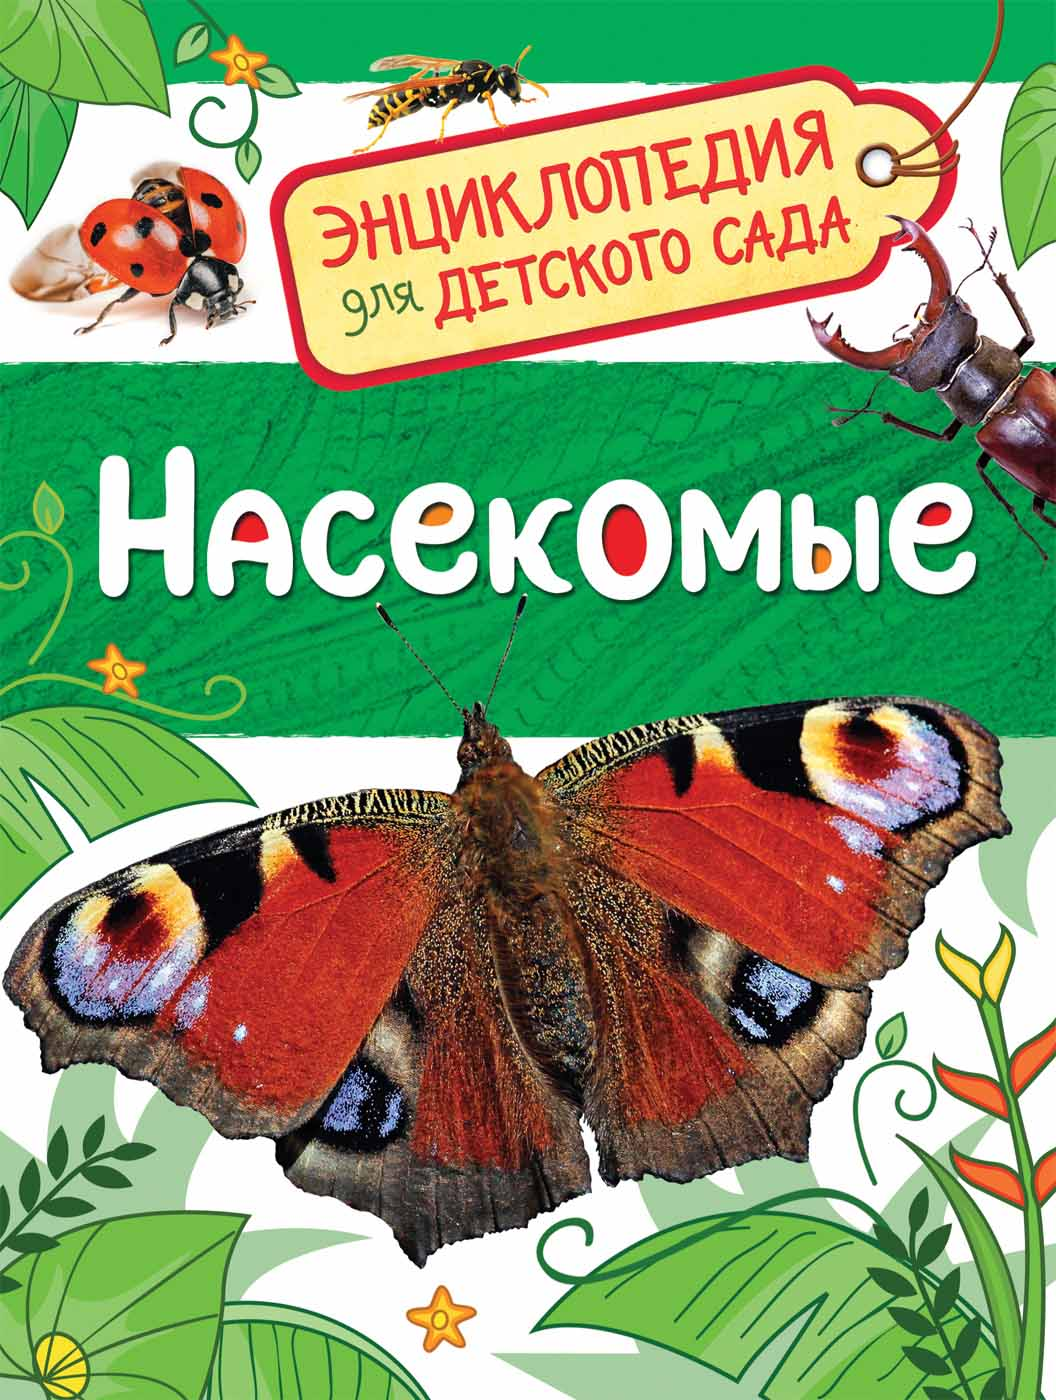 Энциклопедия для детского сада - НасекомыеДля малышей в картинках<br>Энциклопедия для детского сада - Насекомые<br>